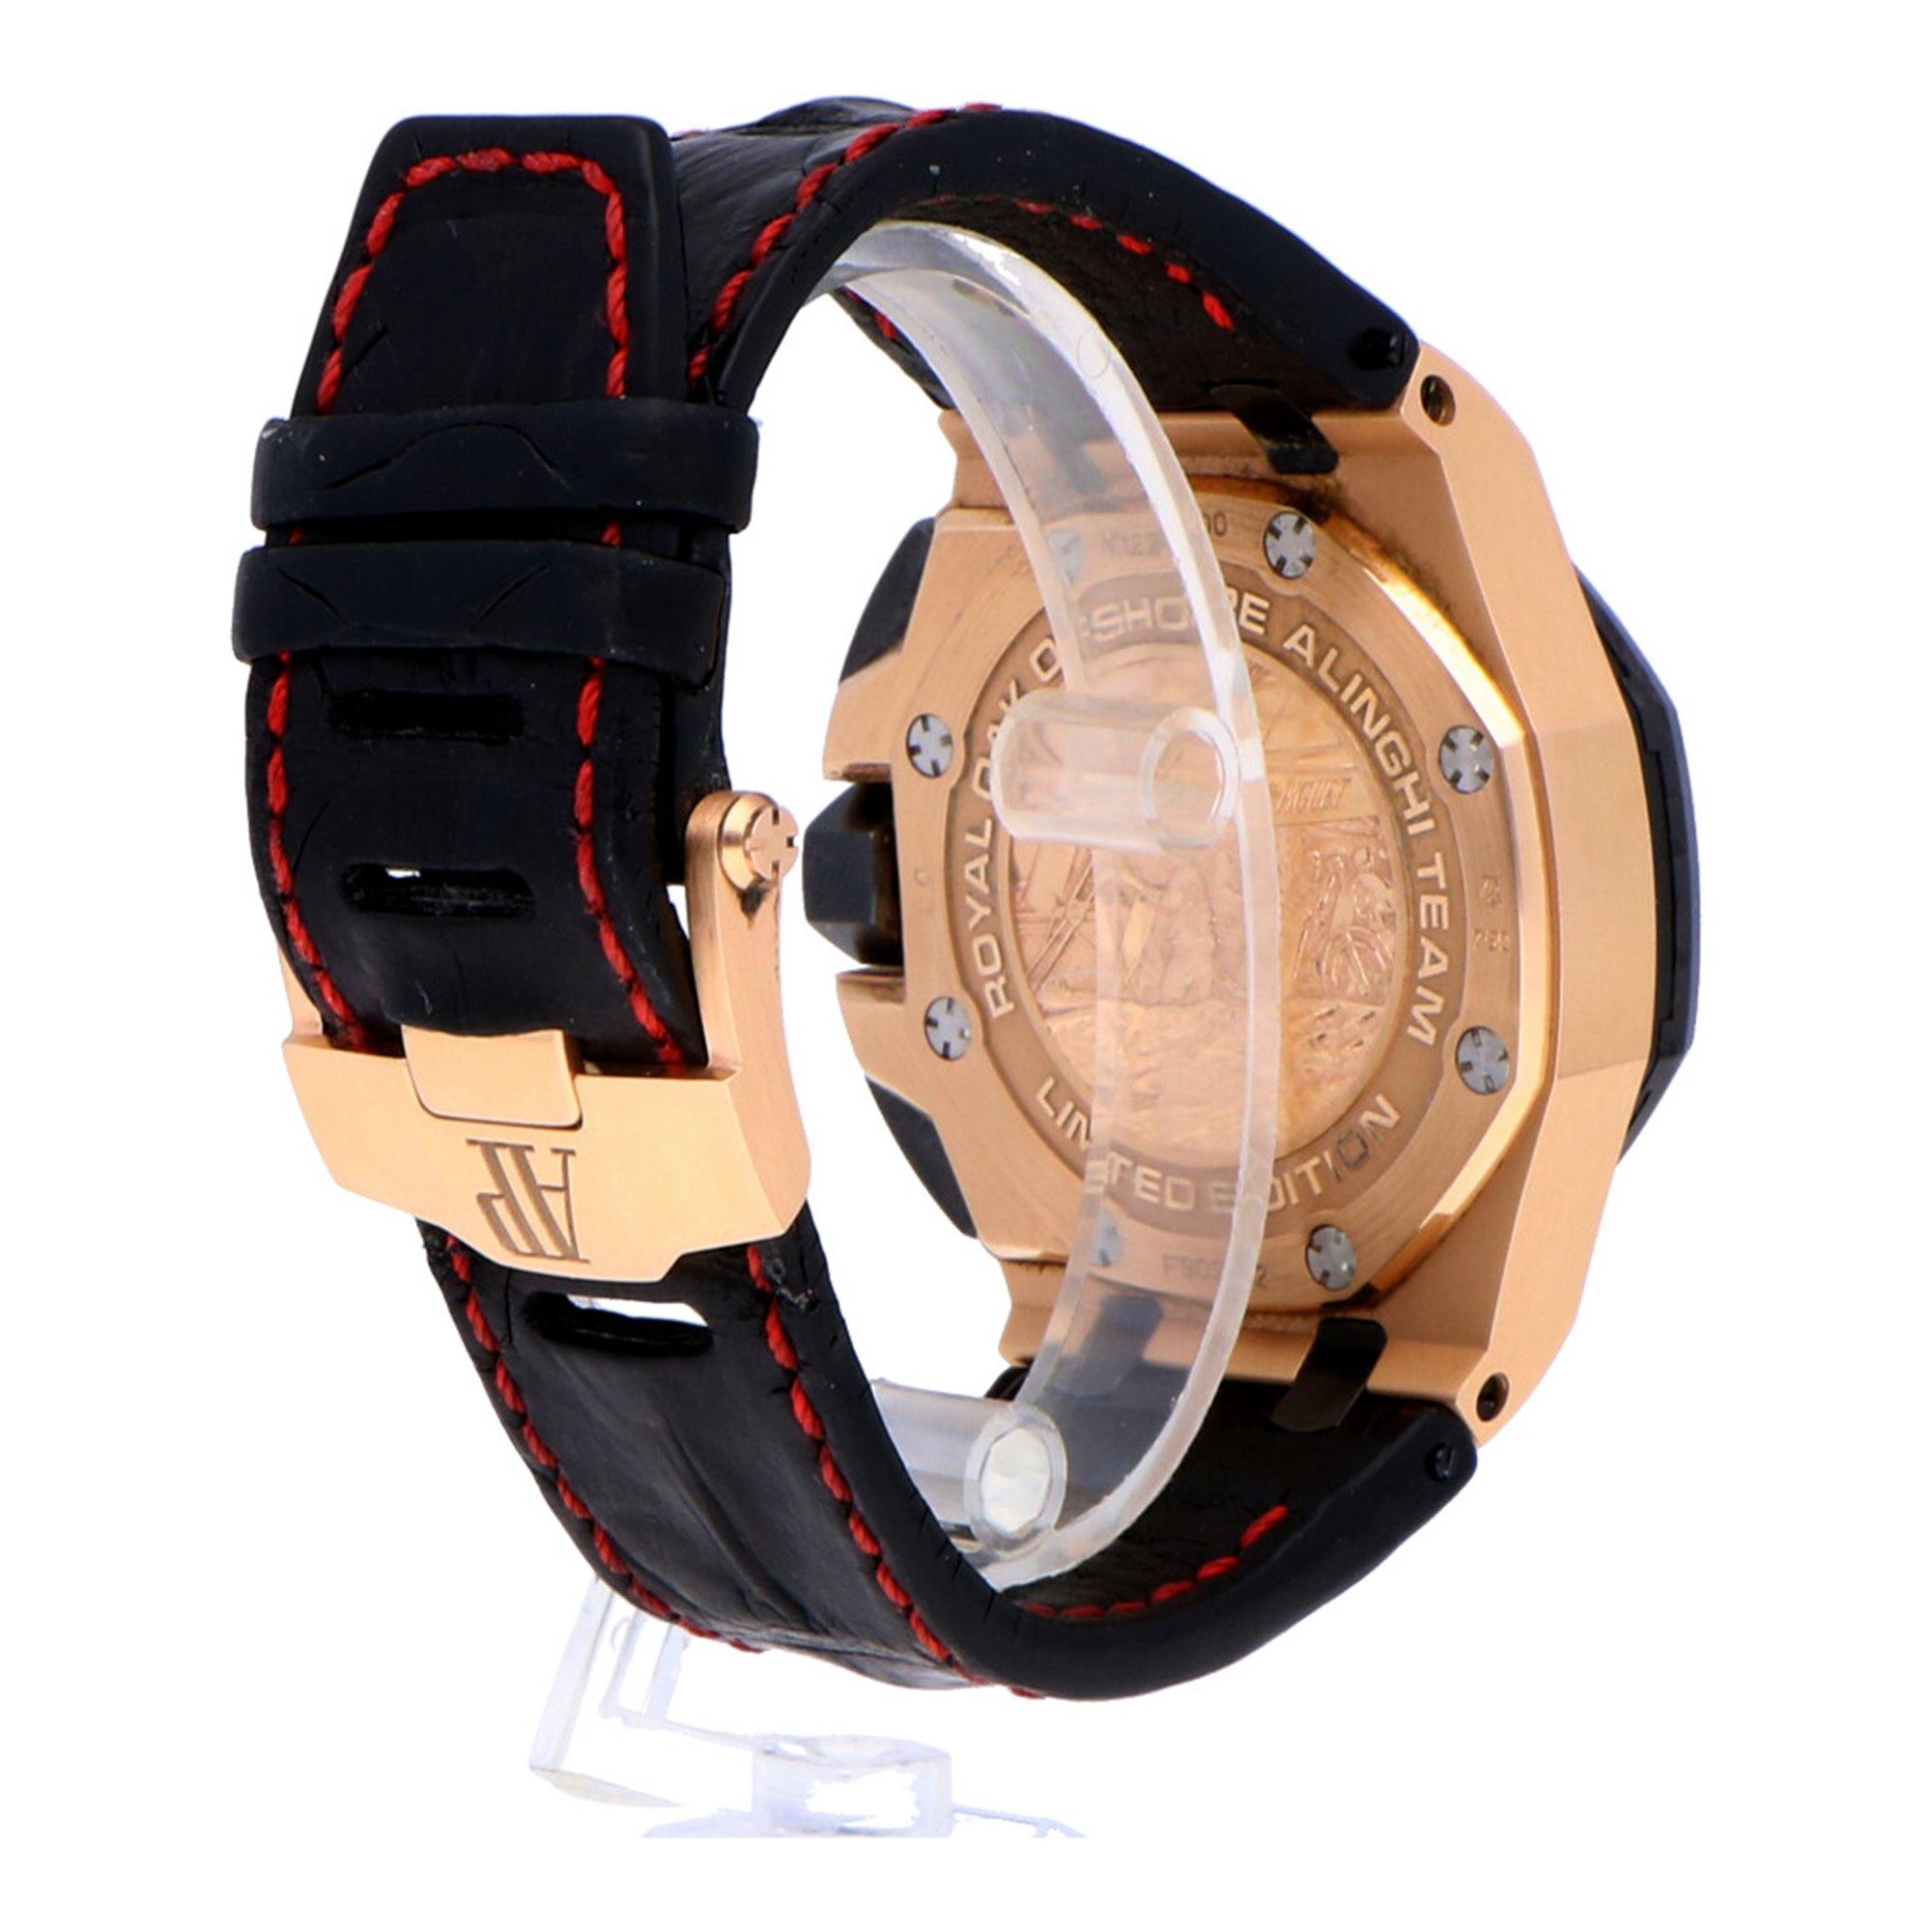 Audemars Piguet Royal Oak Offshore 18k Rose Gold 26062OR.OO.A002CA.01